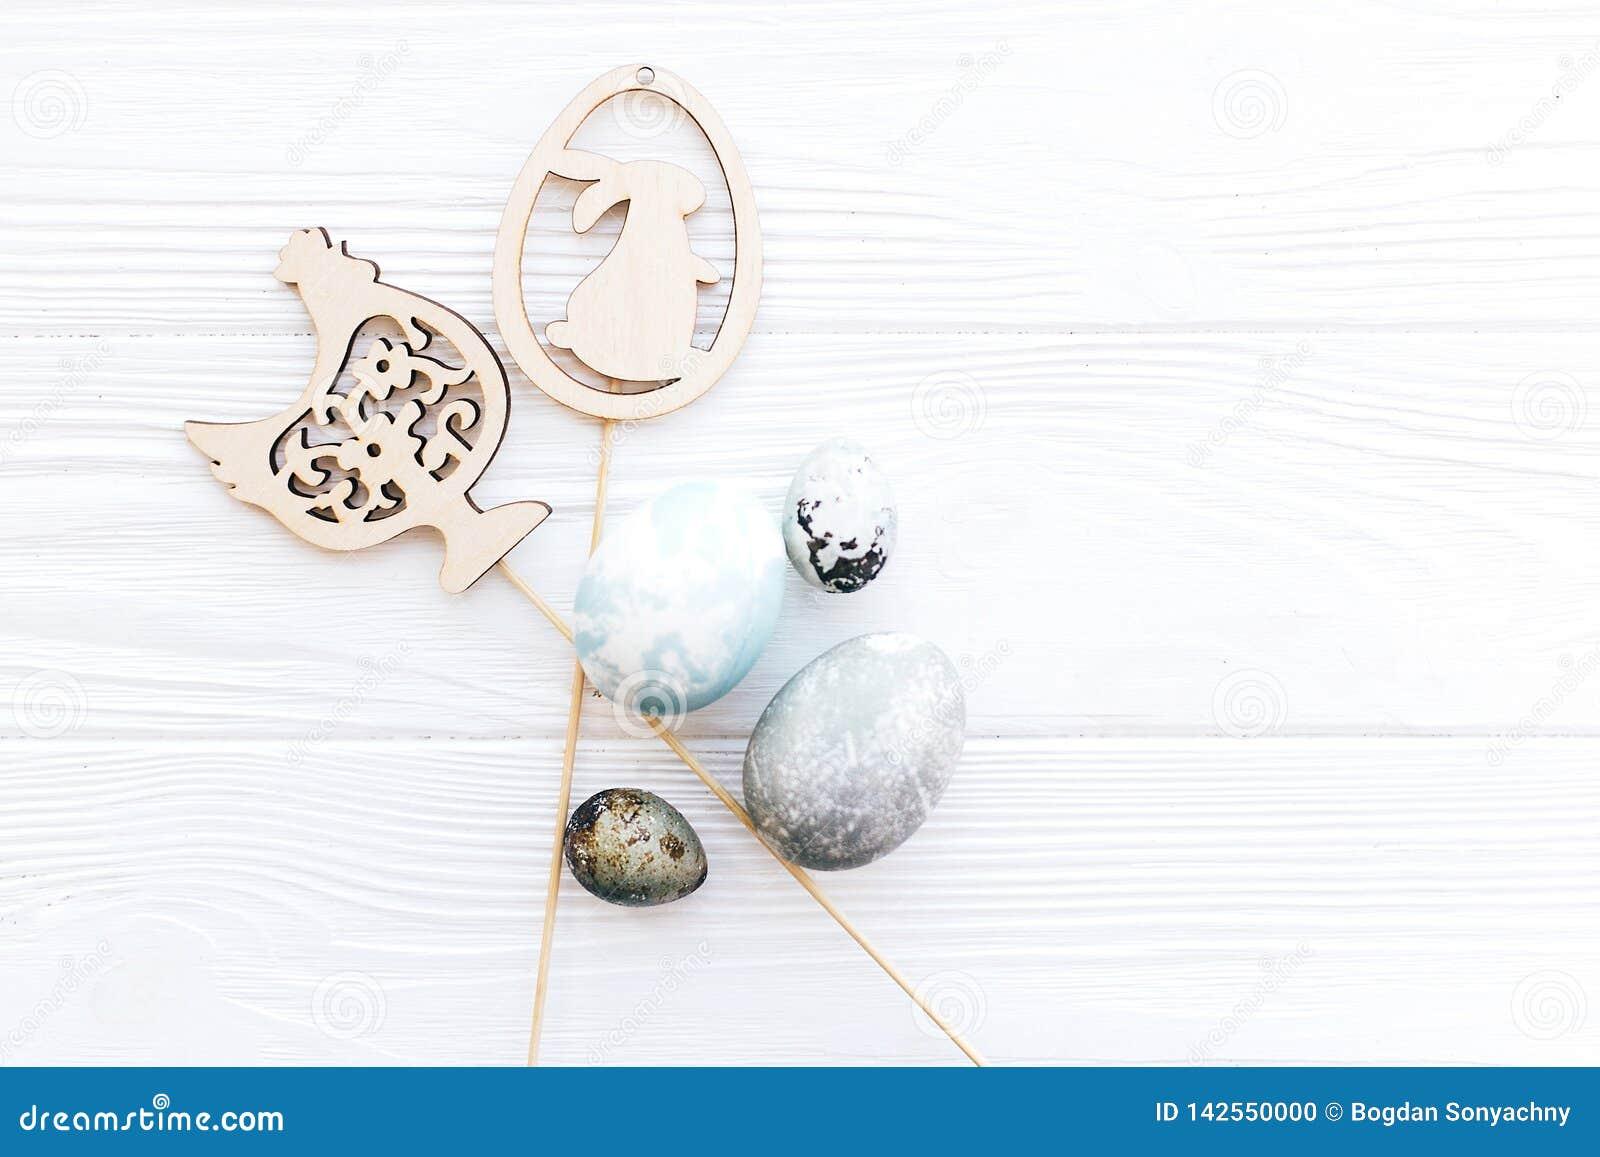 Os ovos da páscoa à moda e as decorações de madeira simples do coelho e da galinha no fundo de madeira branco, plano colocam com